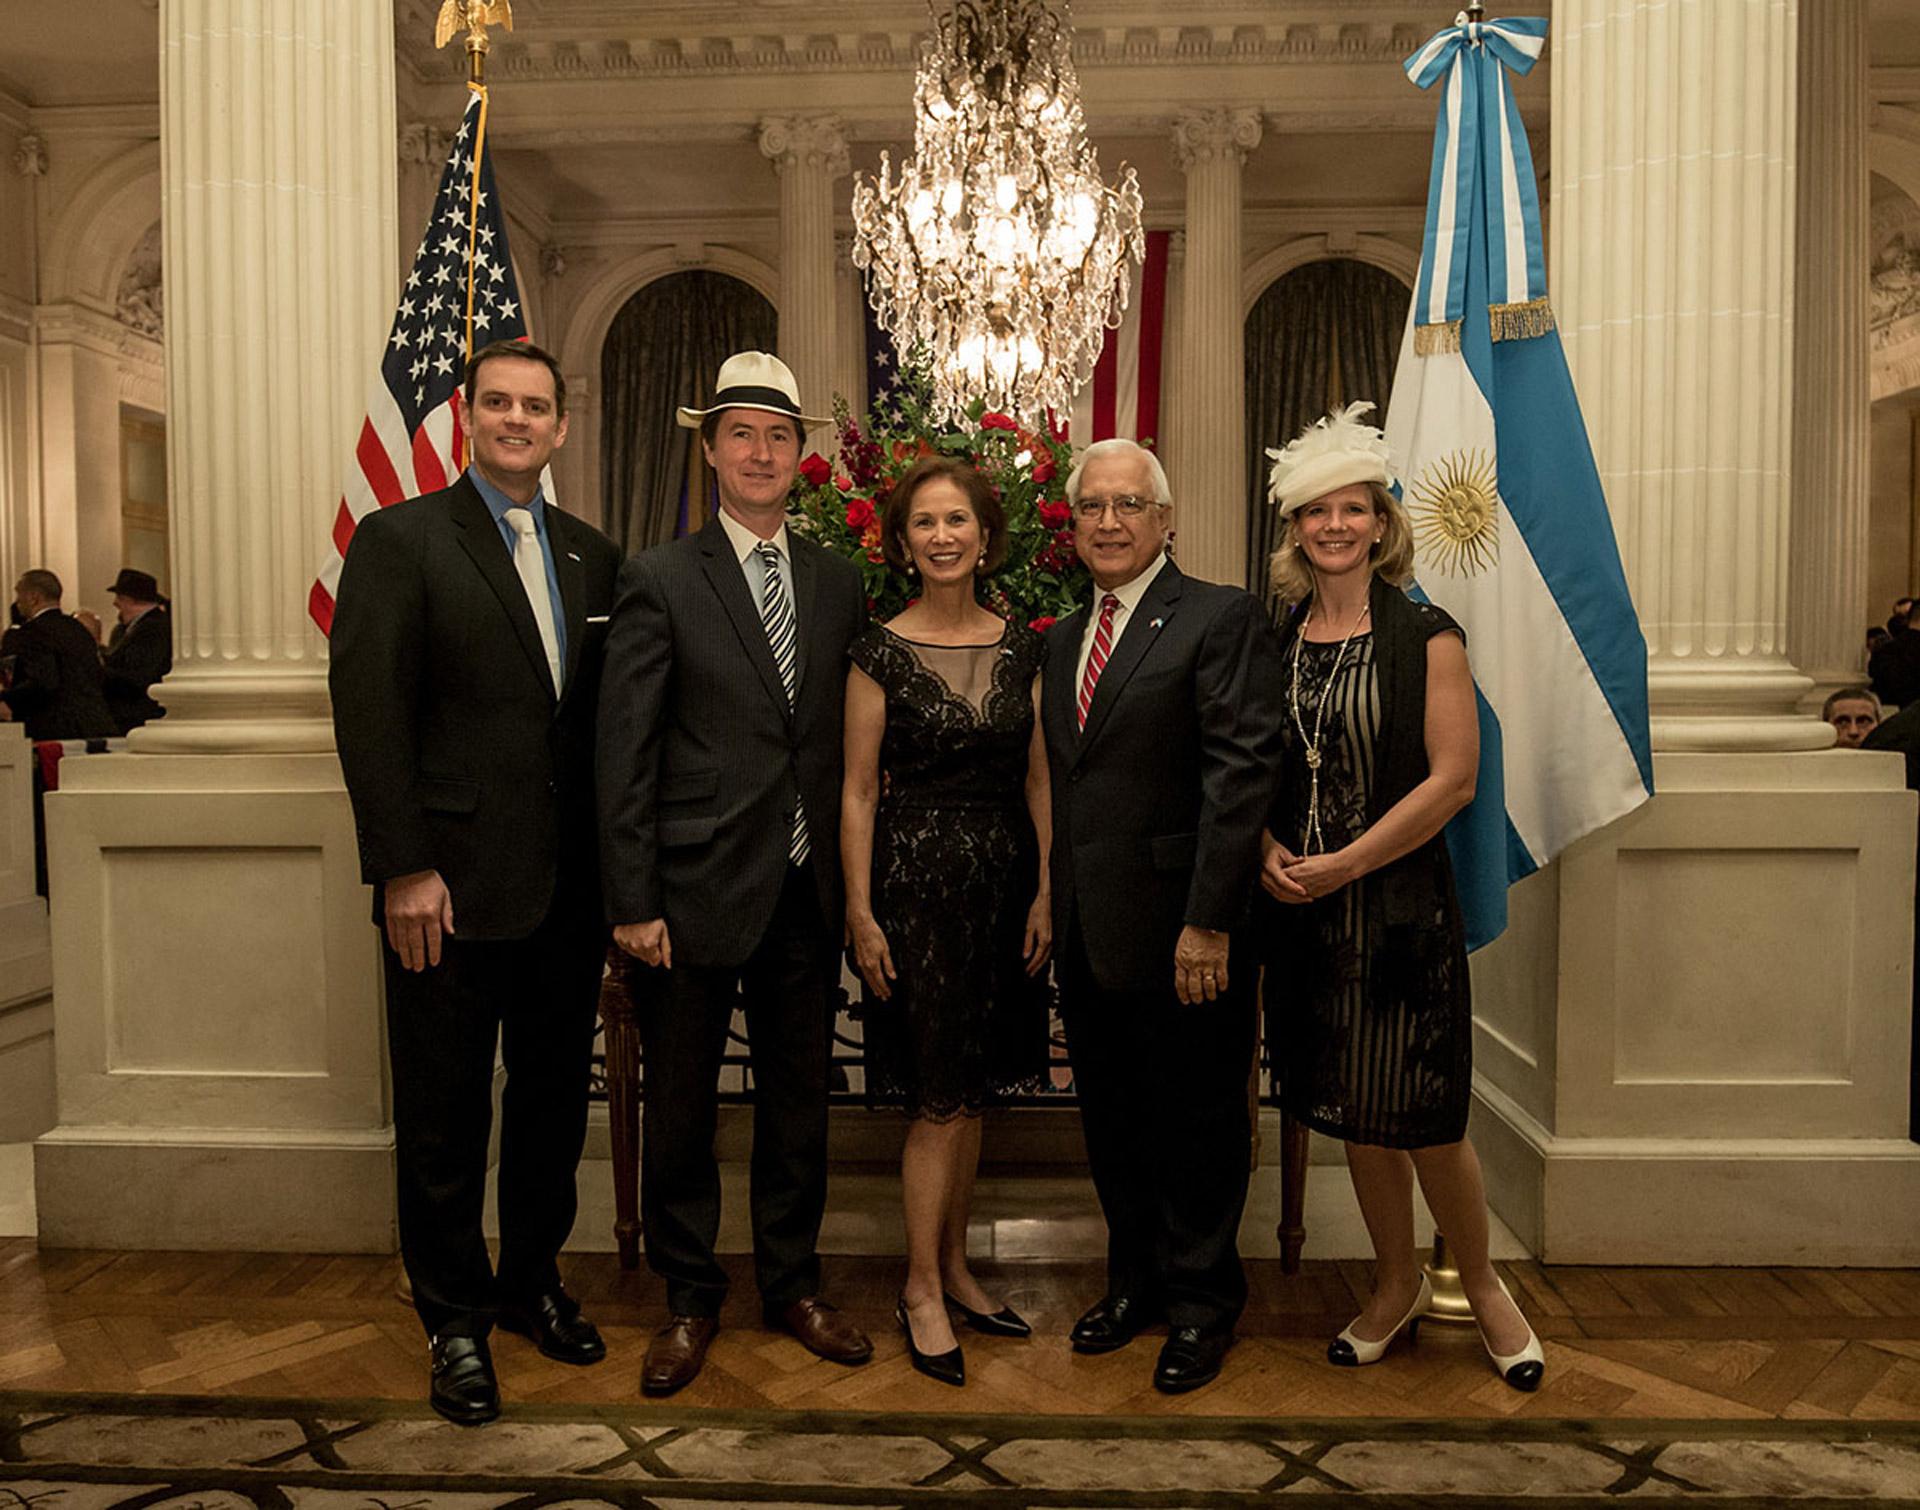 El embajador de Canadá en la Argentina, Robert Fry, y su mujer